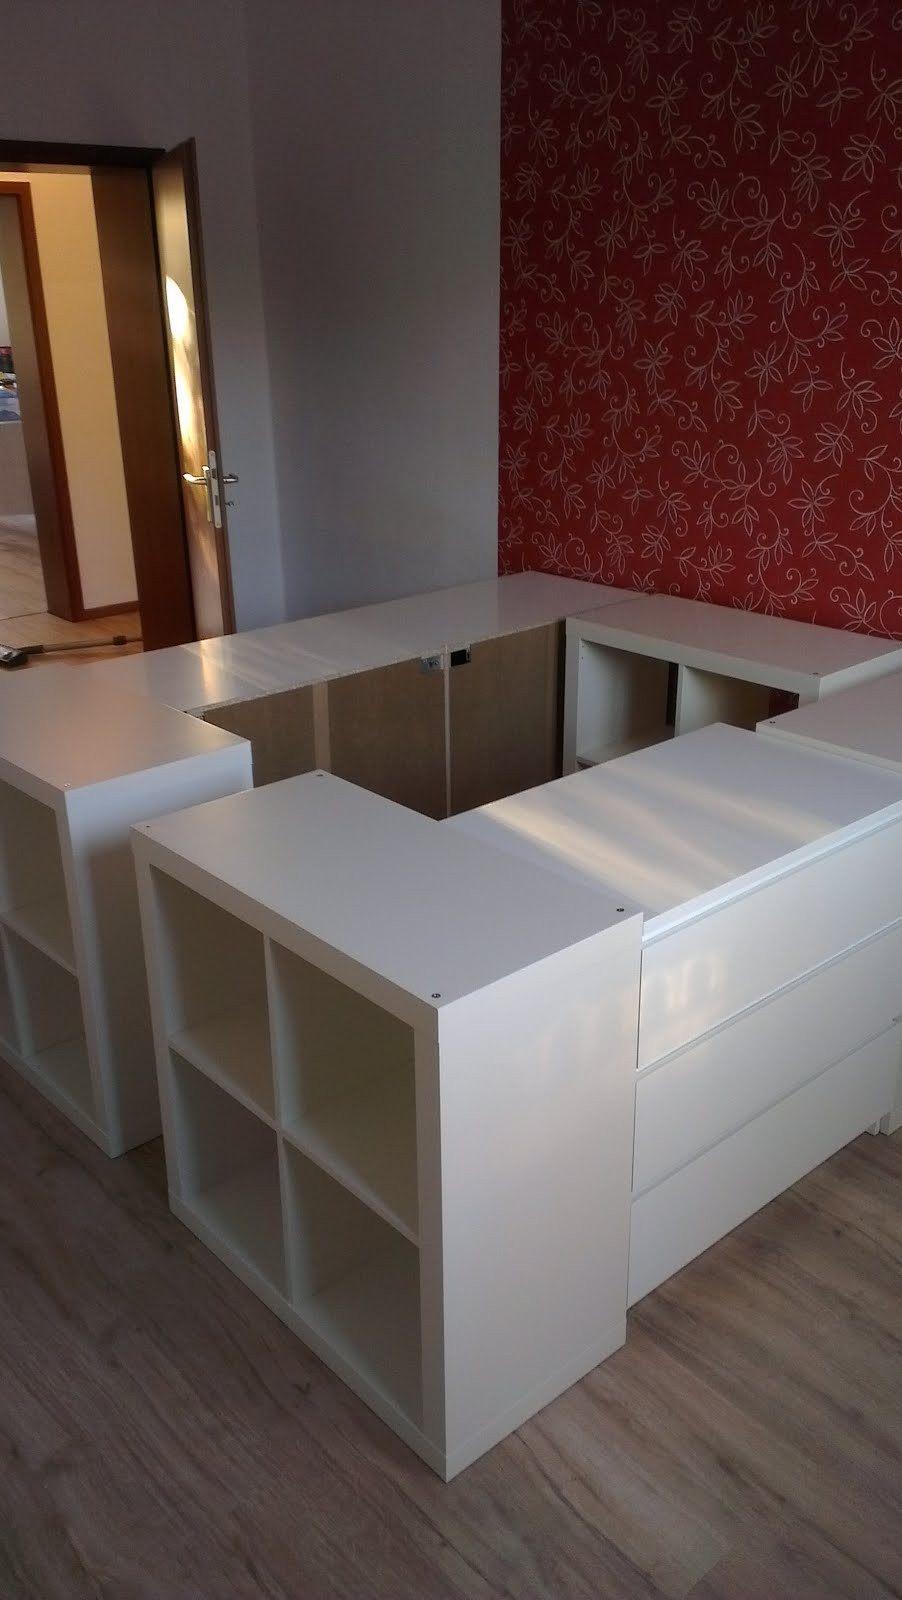 Ikea Malm Lit Coffre Frais Fabriquer Un Lit Avec Meuble Ikea Coffre Banquette Ikea Frais Bout